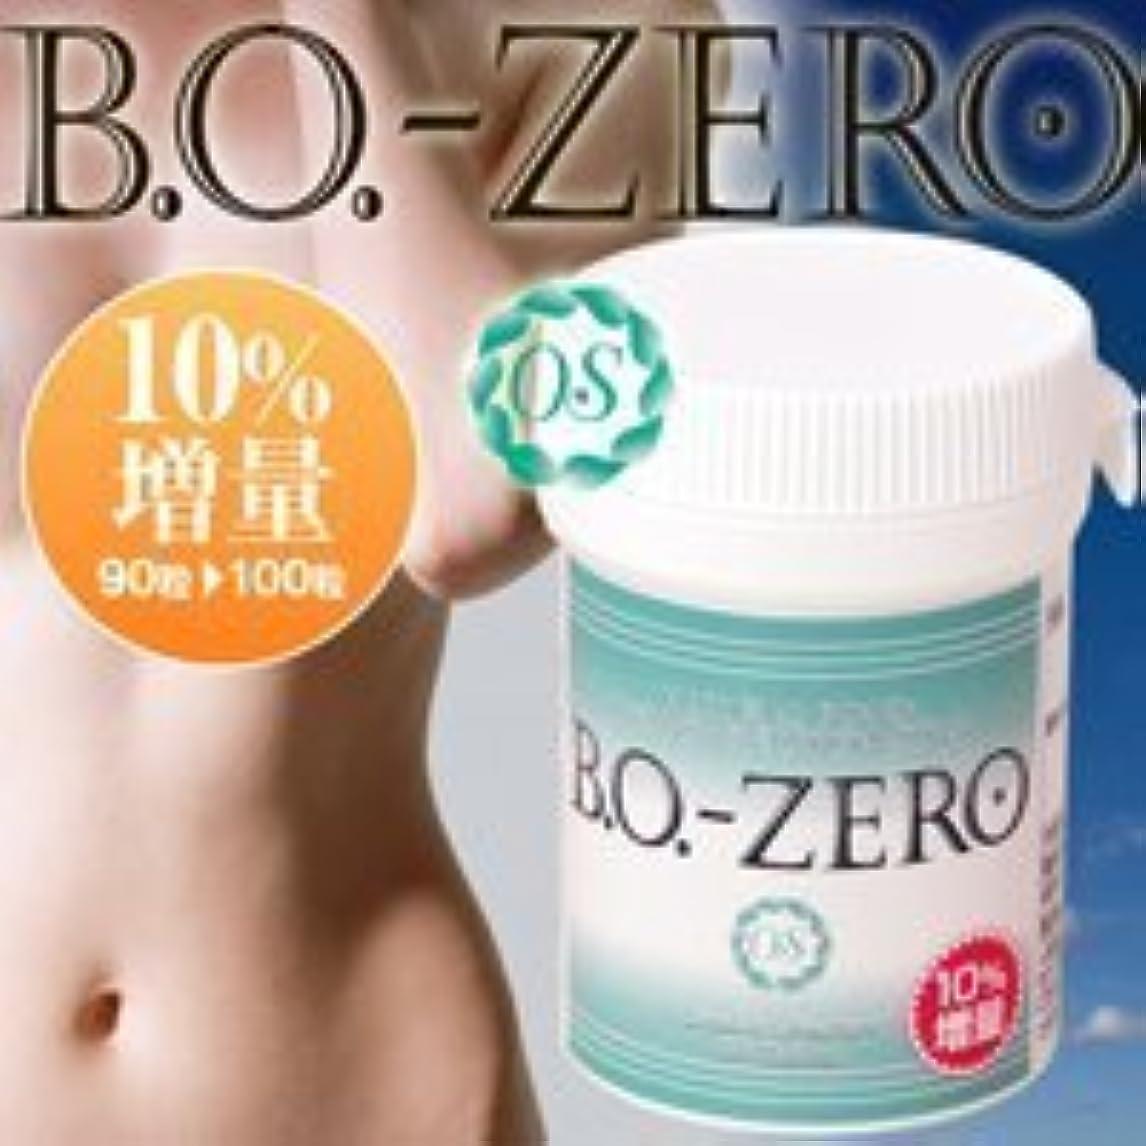 魂地獄ホバートBO ZERO (ビーオー ゼロ) 10%増量×2個セット?  体臭 口臭 汗臭 ワキガ などの対策に